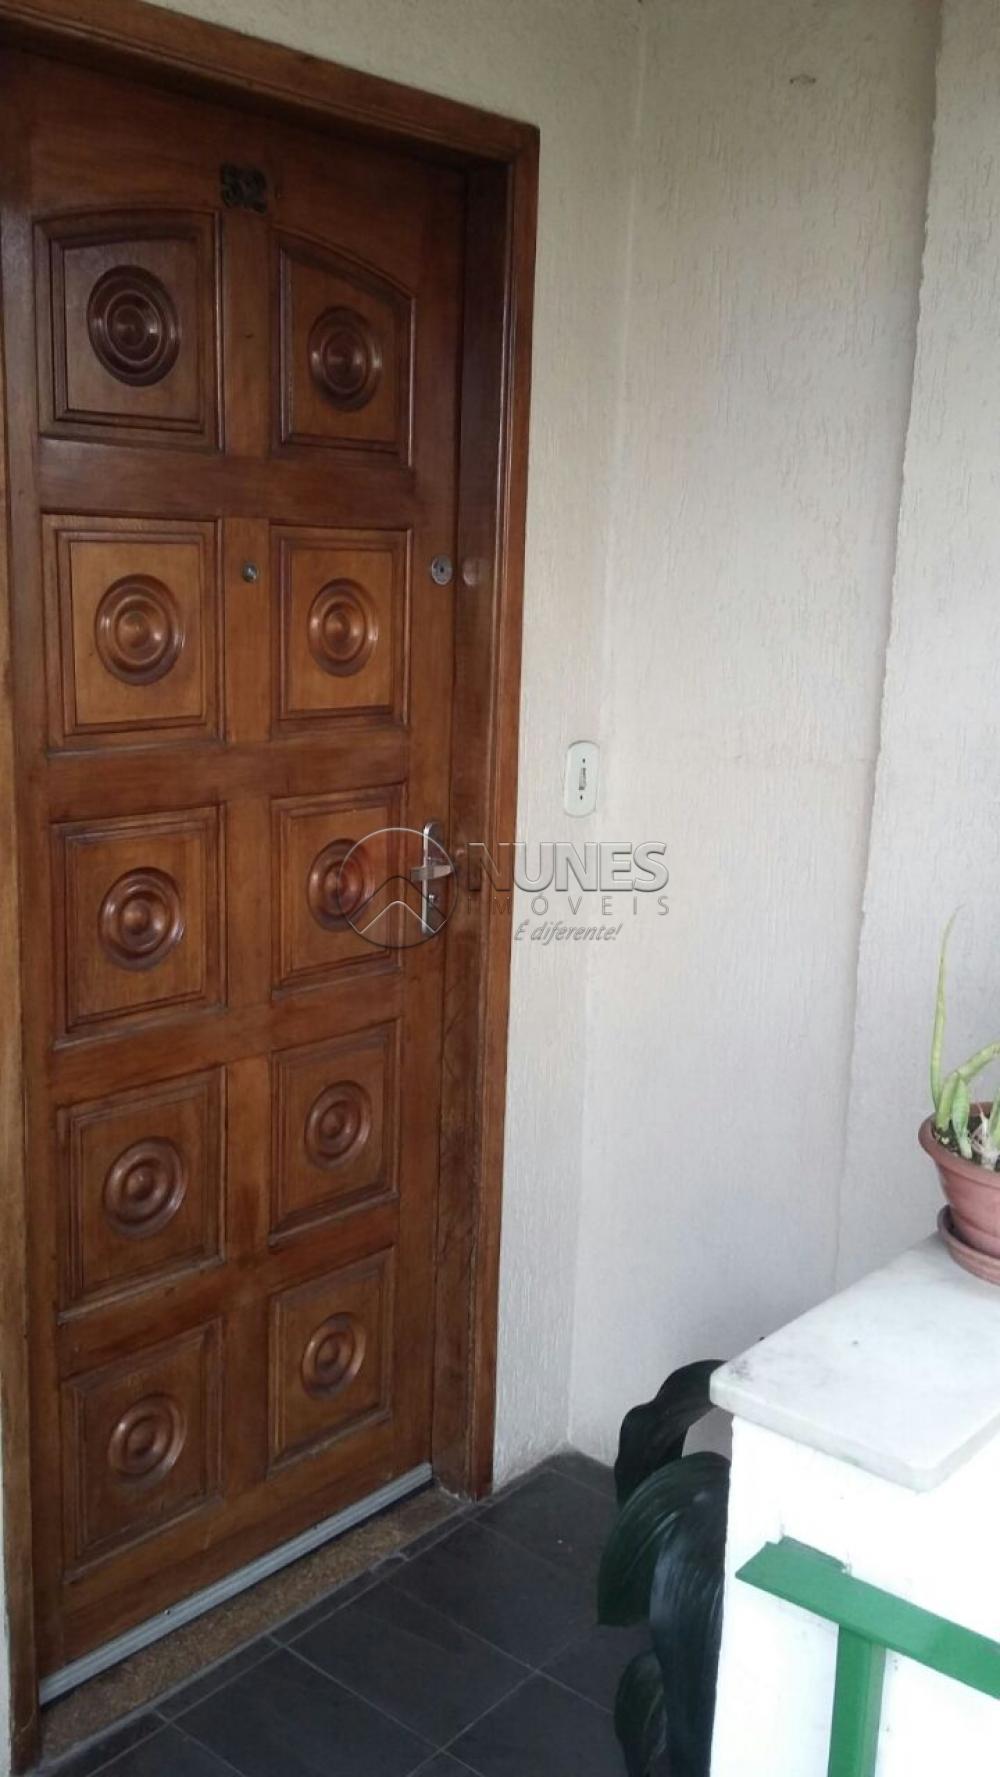 Comprar Apartamento / Padrão em Carapicuíba apenas R$ 150.000,00 - Foto 2